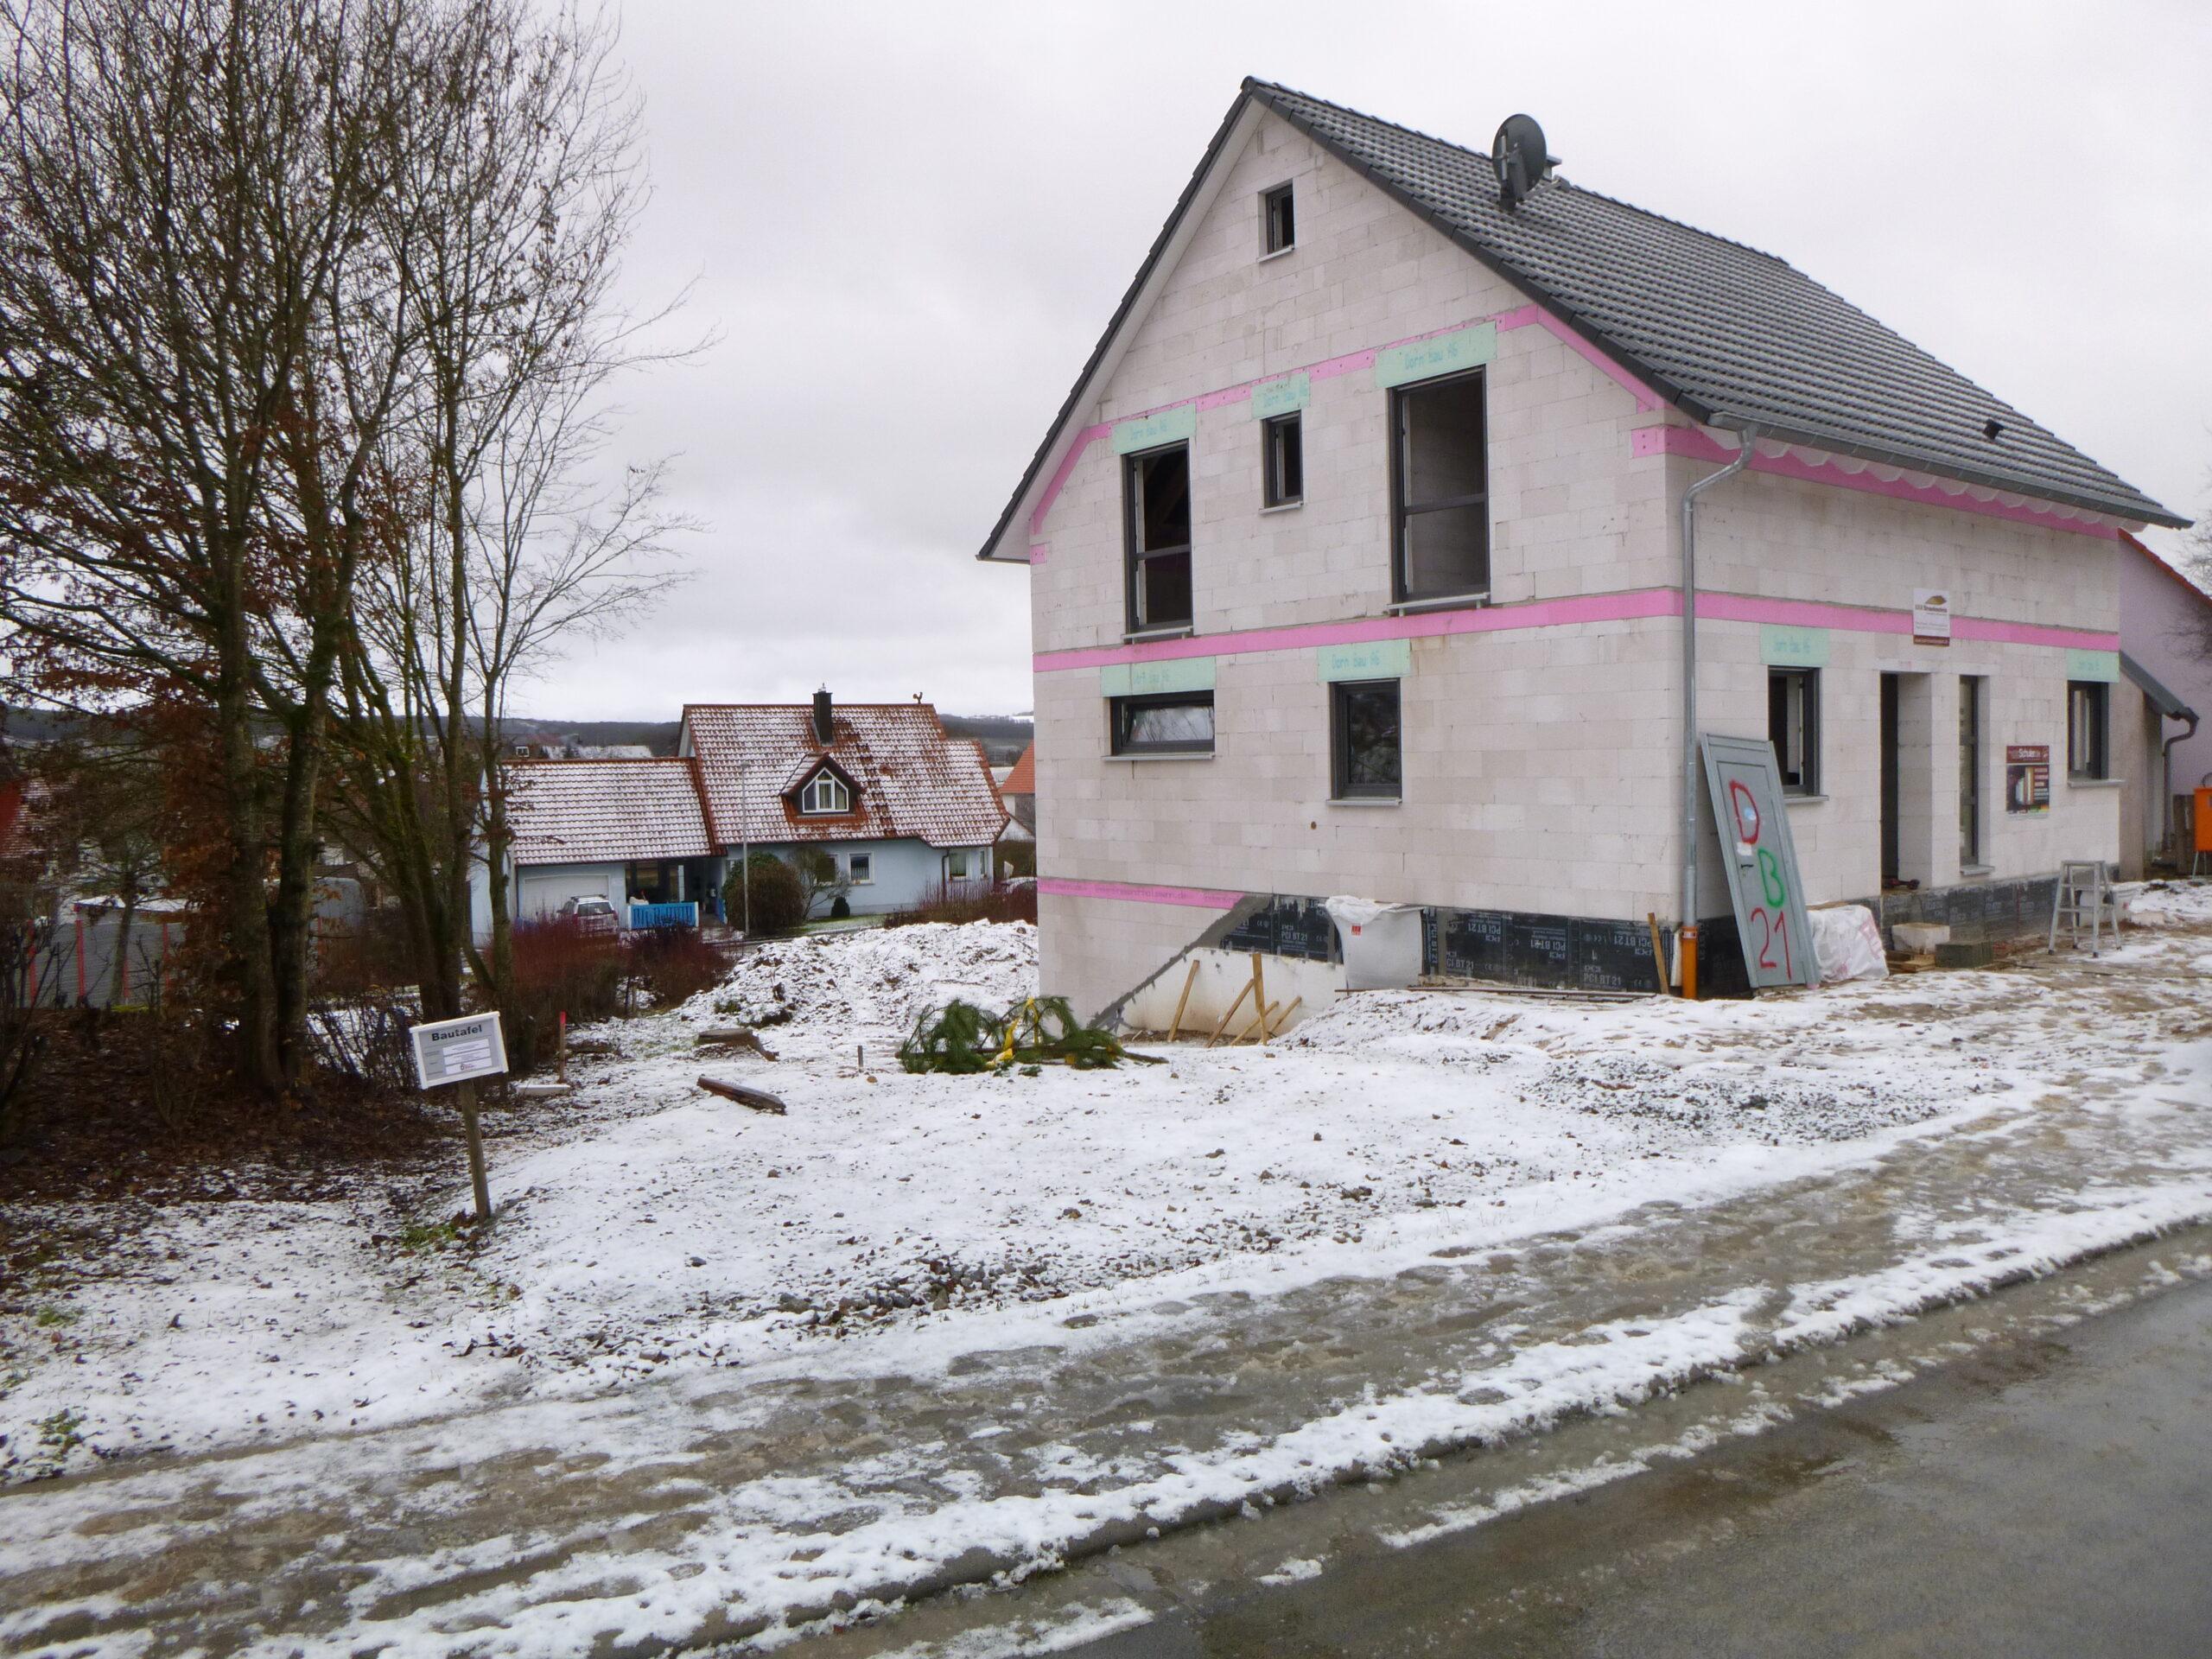 Rohbau - Waldstr. 13 - Himmelstadt (3)